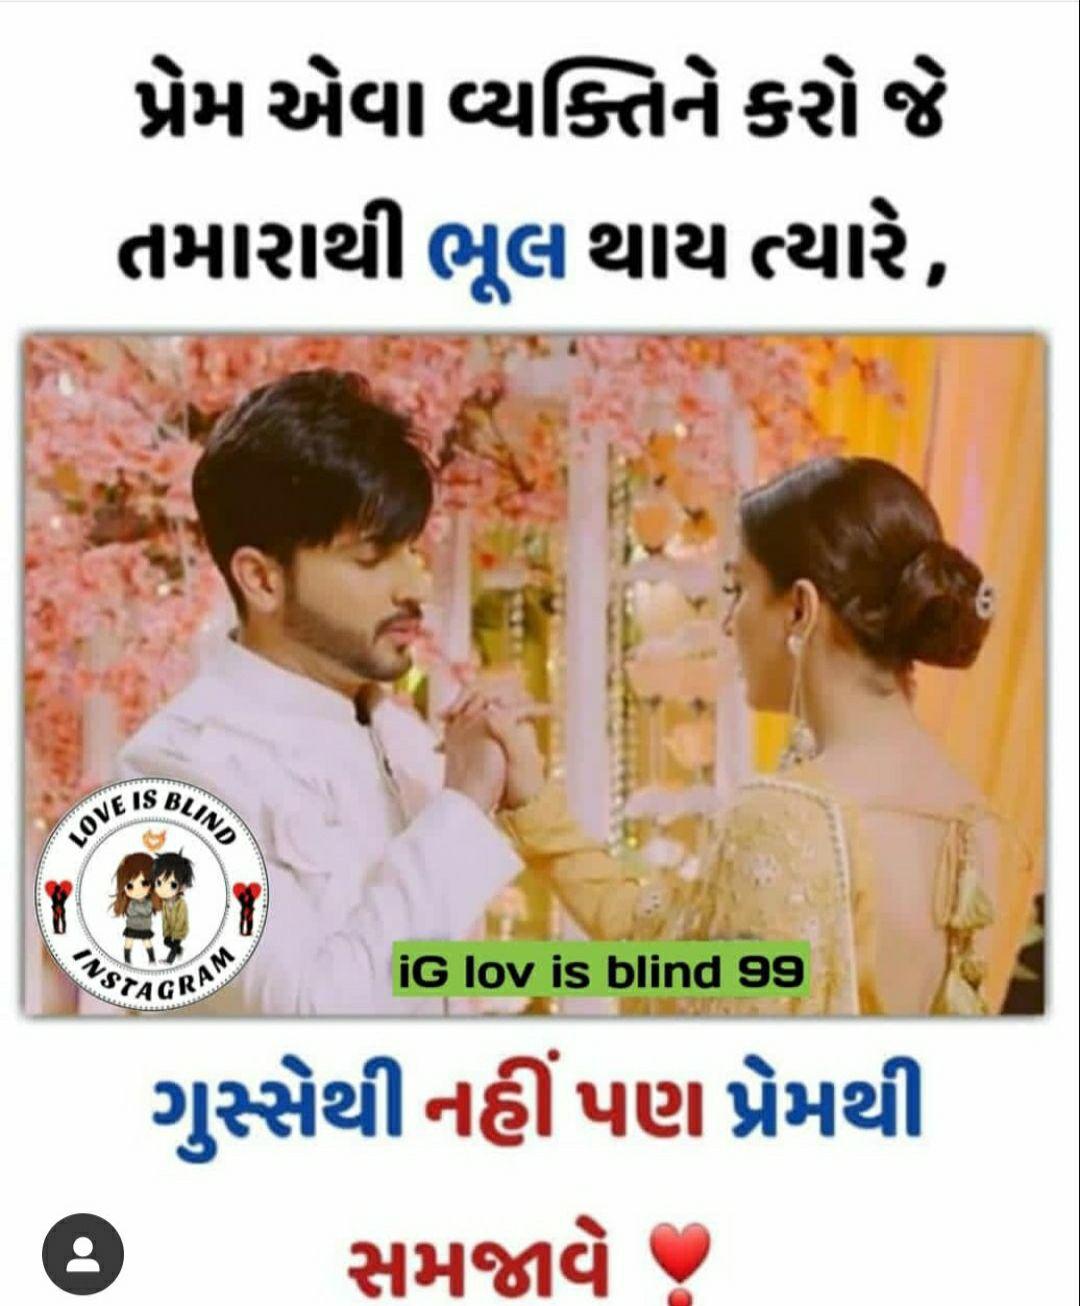 💑 પતી-પત્ની પ્રેમ - પ્રેમ એવા વ્યક્તિને કરો જે તમારાથી ભૂલ થાય ત્યારે , BLIN LOVE NSTA iG lov is blind 99 AGRA RAM | ગુસ્સથી નહીં પણ પ્રેમથી સમજાવે - ShareChat